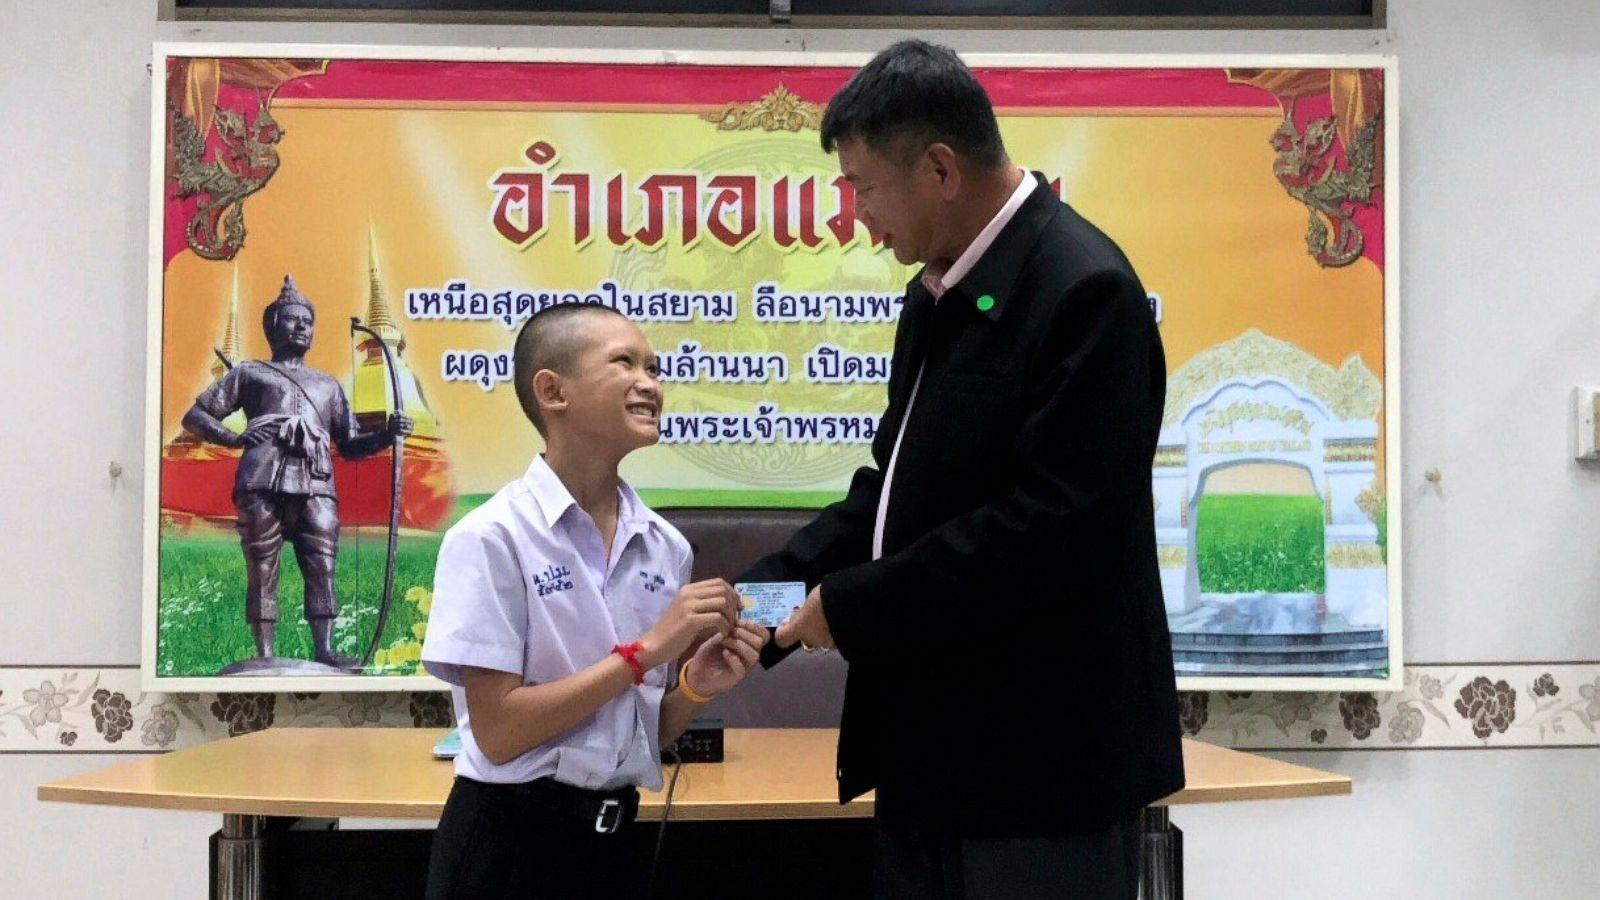 Агуйгаас АВРАГДСАН хөвгүүдэд Тайланд улс ИРГЭНШИЛ олгожээ